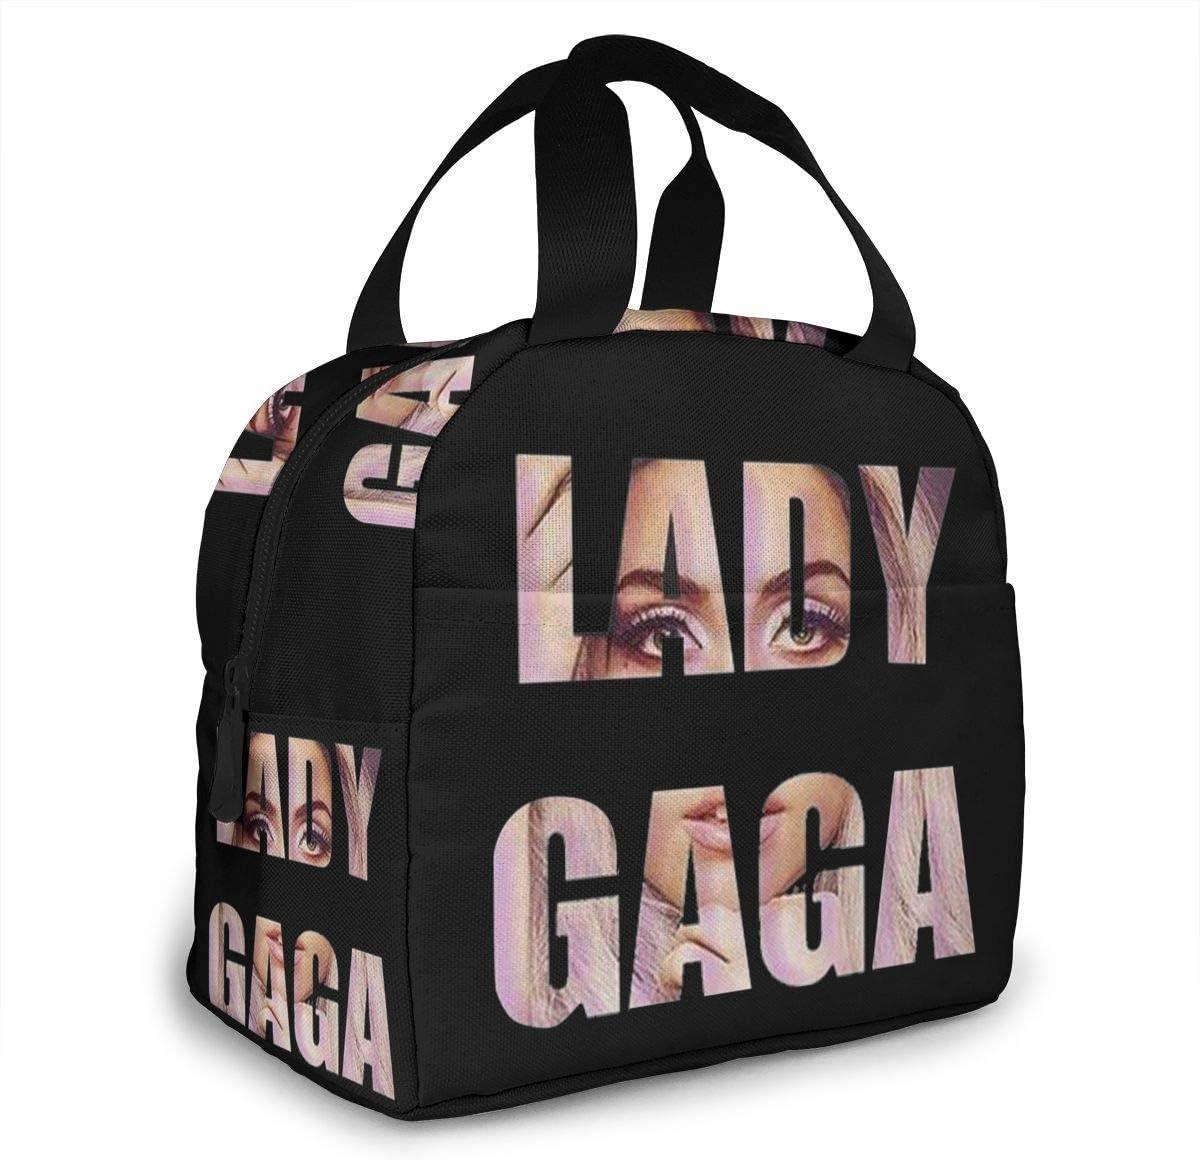 Lady Gaga Love Leisure Tennis Le Sac de d/éjeuner portatif a isol/é Le Sac de Camping de bo/îte /à Lunch pour Le Voyage d/école de Travail Bo/îte /à Lunch isol/ée SDFSDF Sac /à Lunch